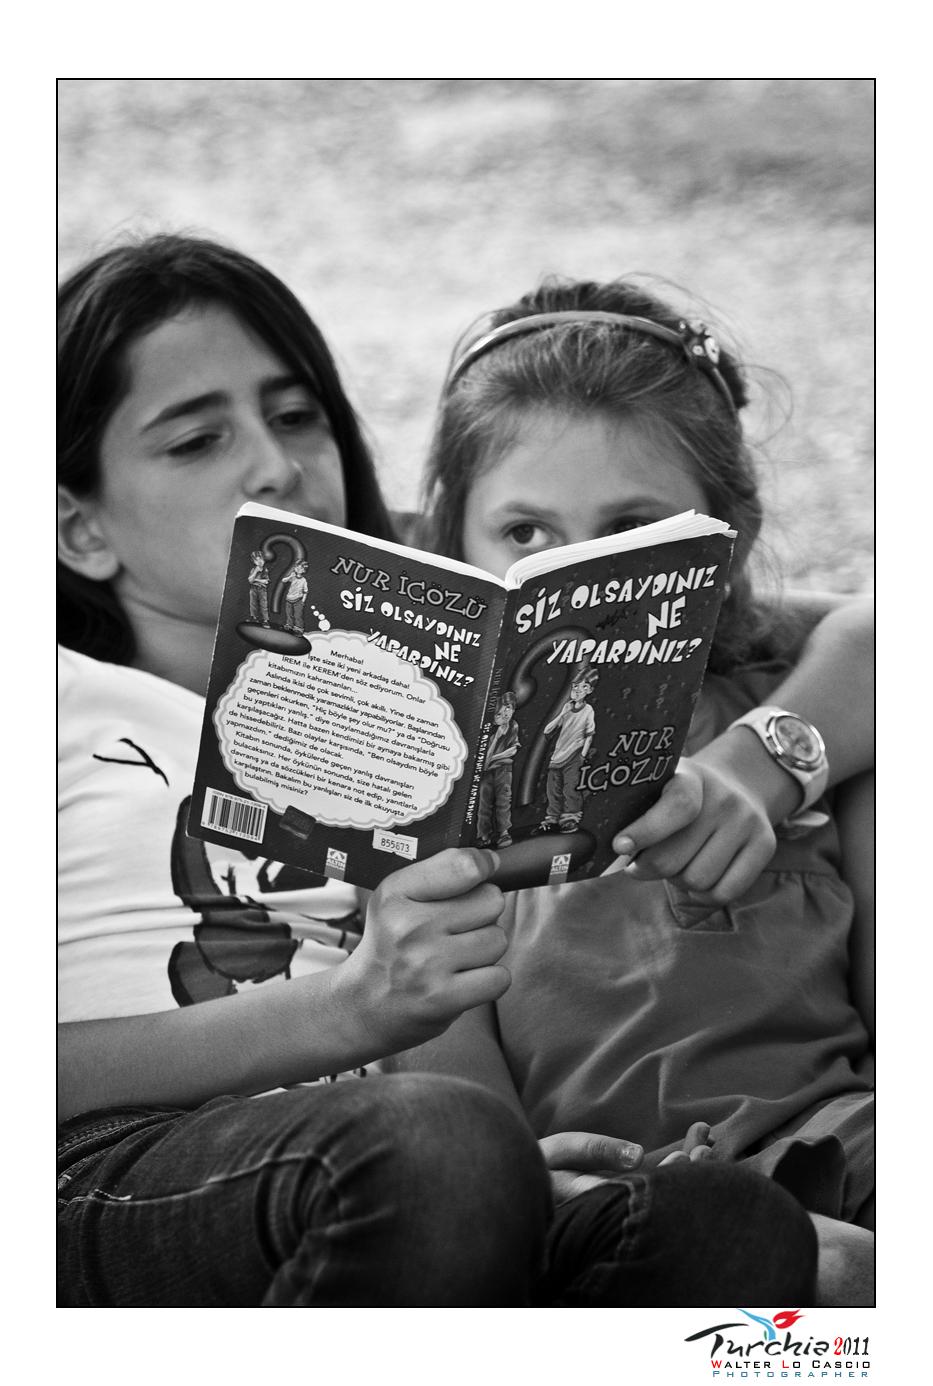 turchia-2011-efeso_6175949110_o.jpg